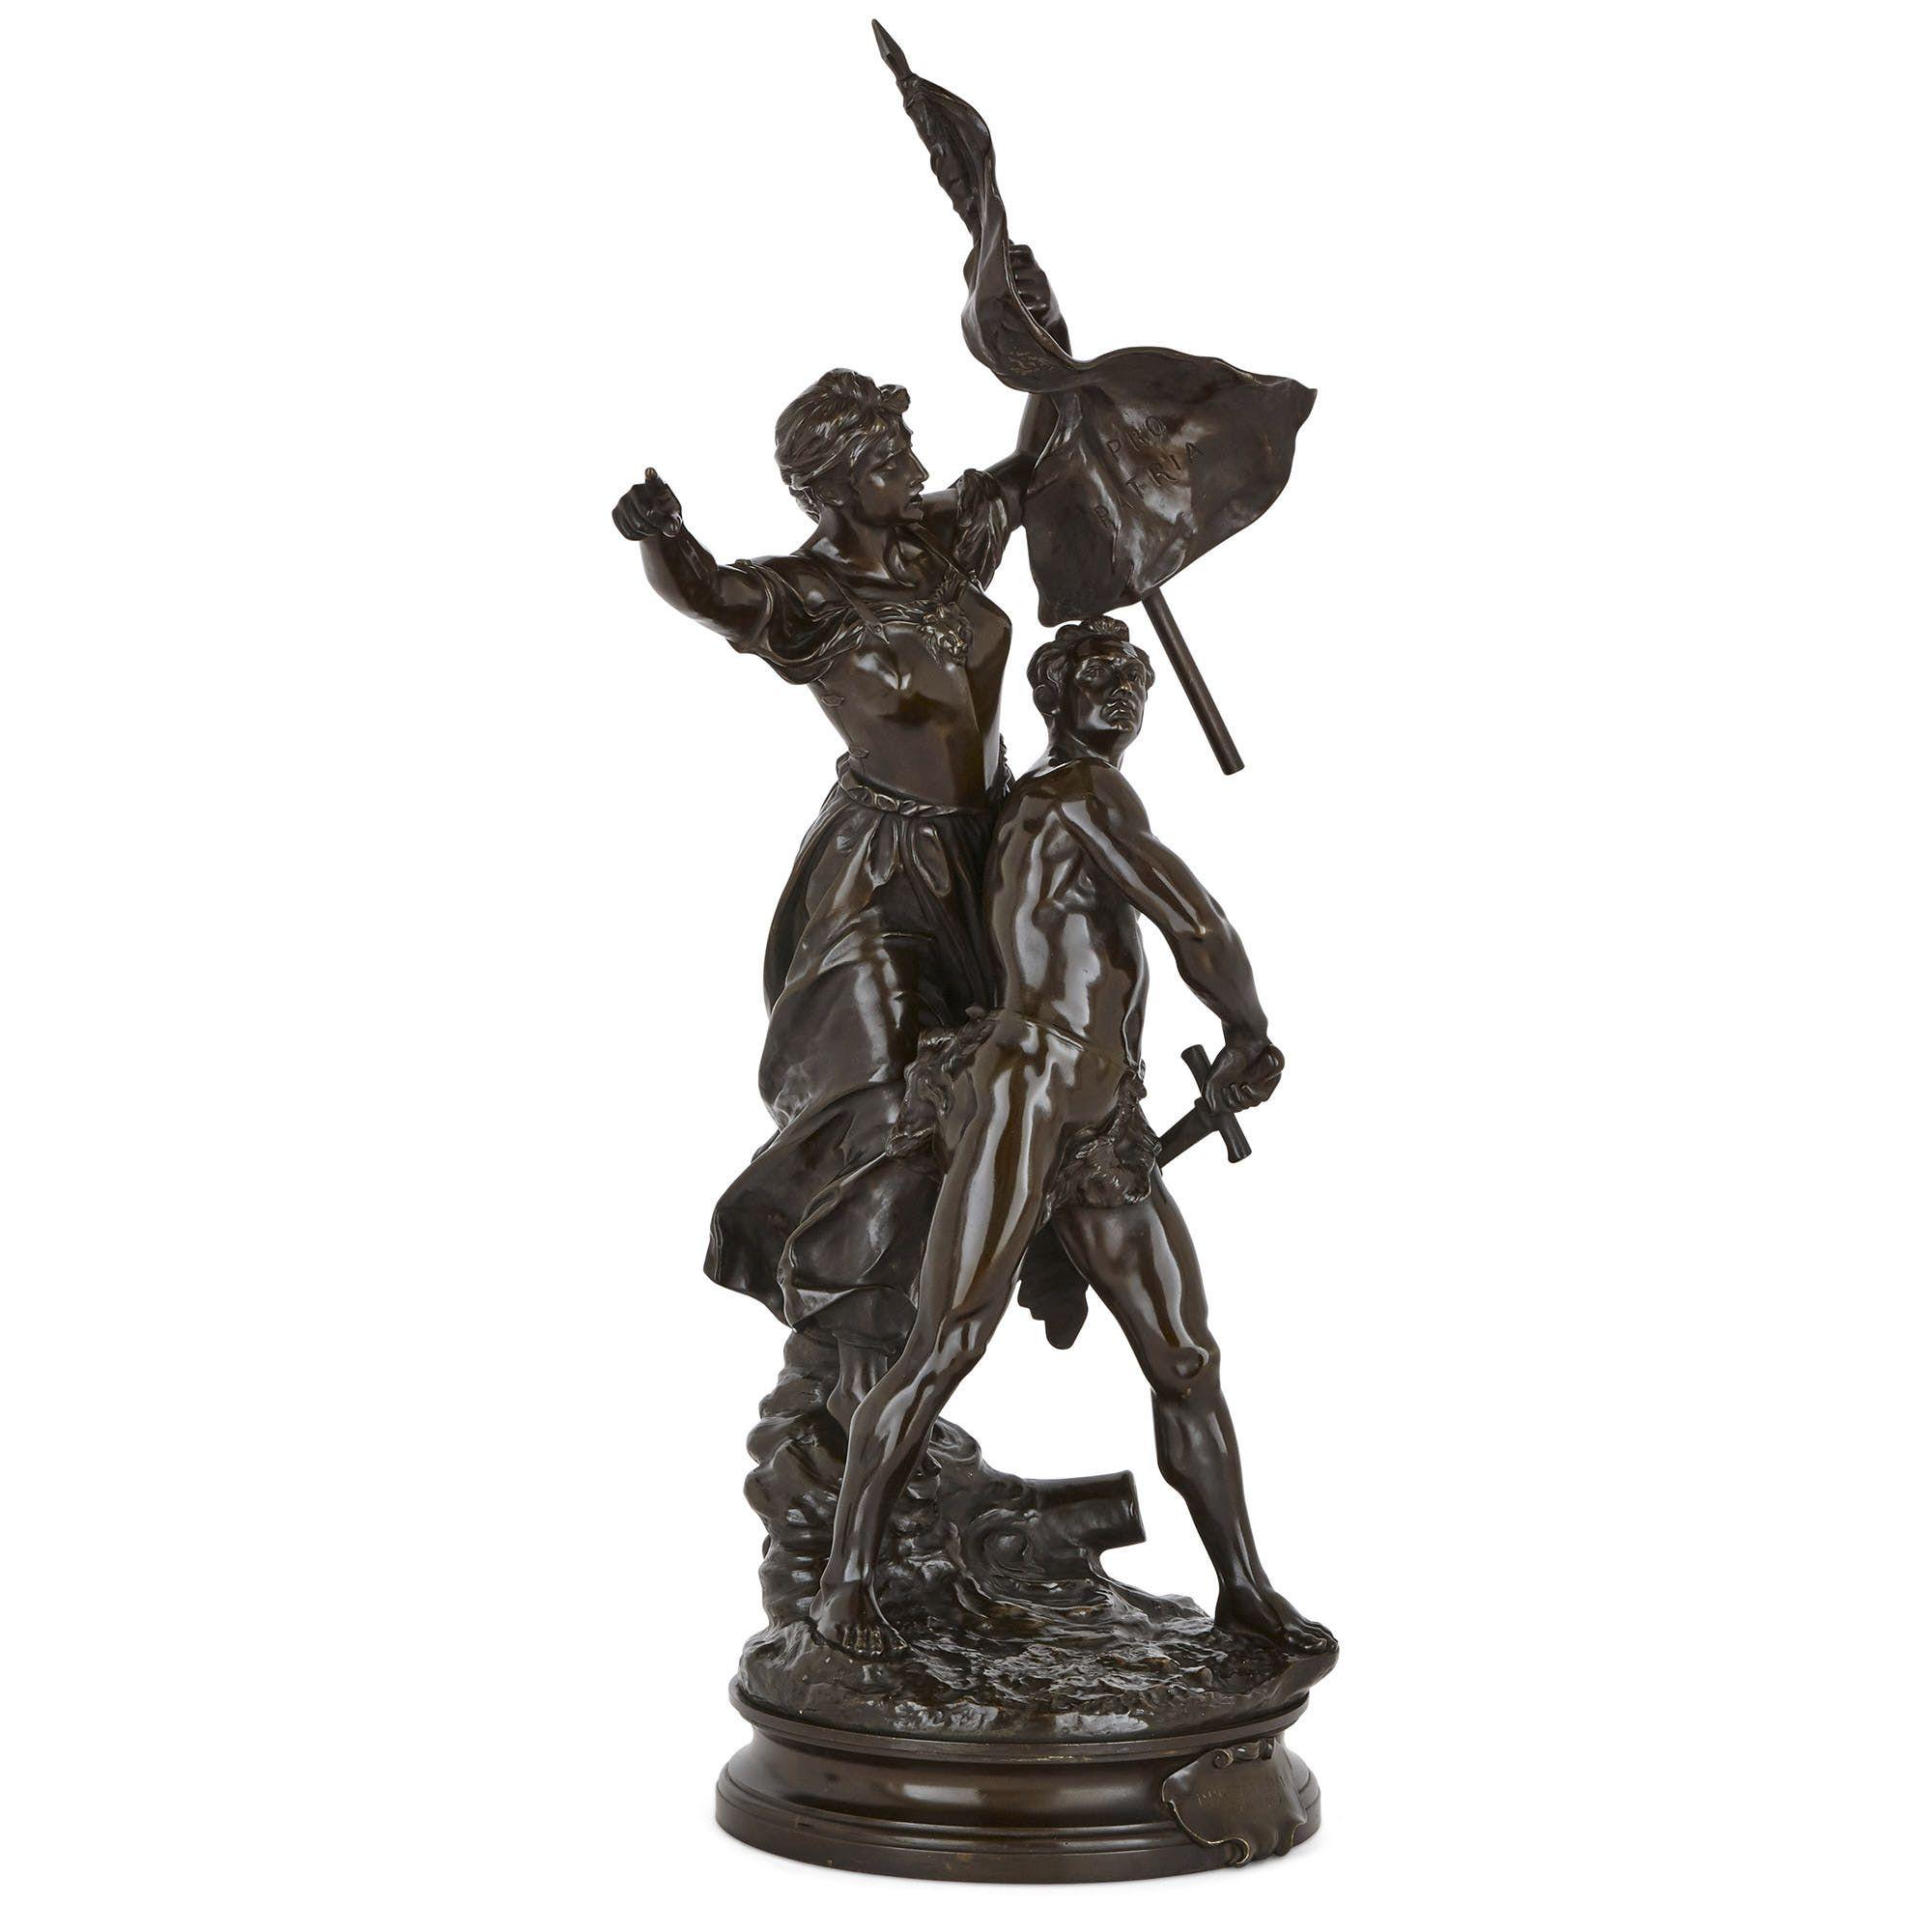 Antique Patinated Bronze Sculpture by Adrien Etienne Gaudez